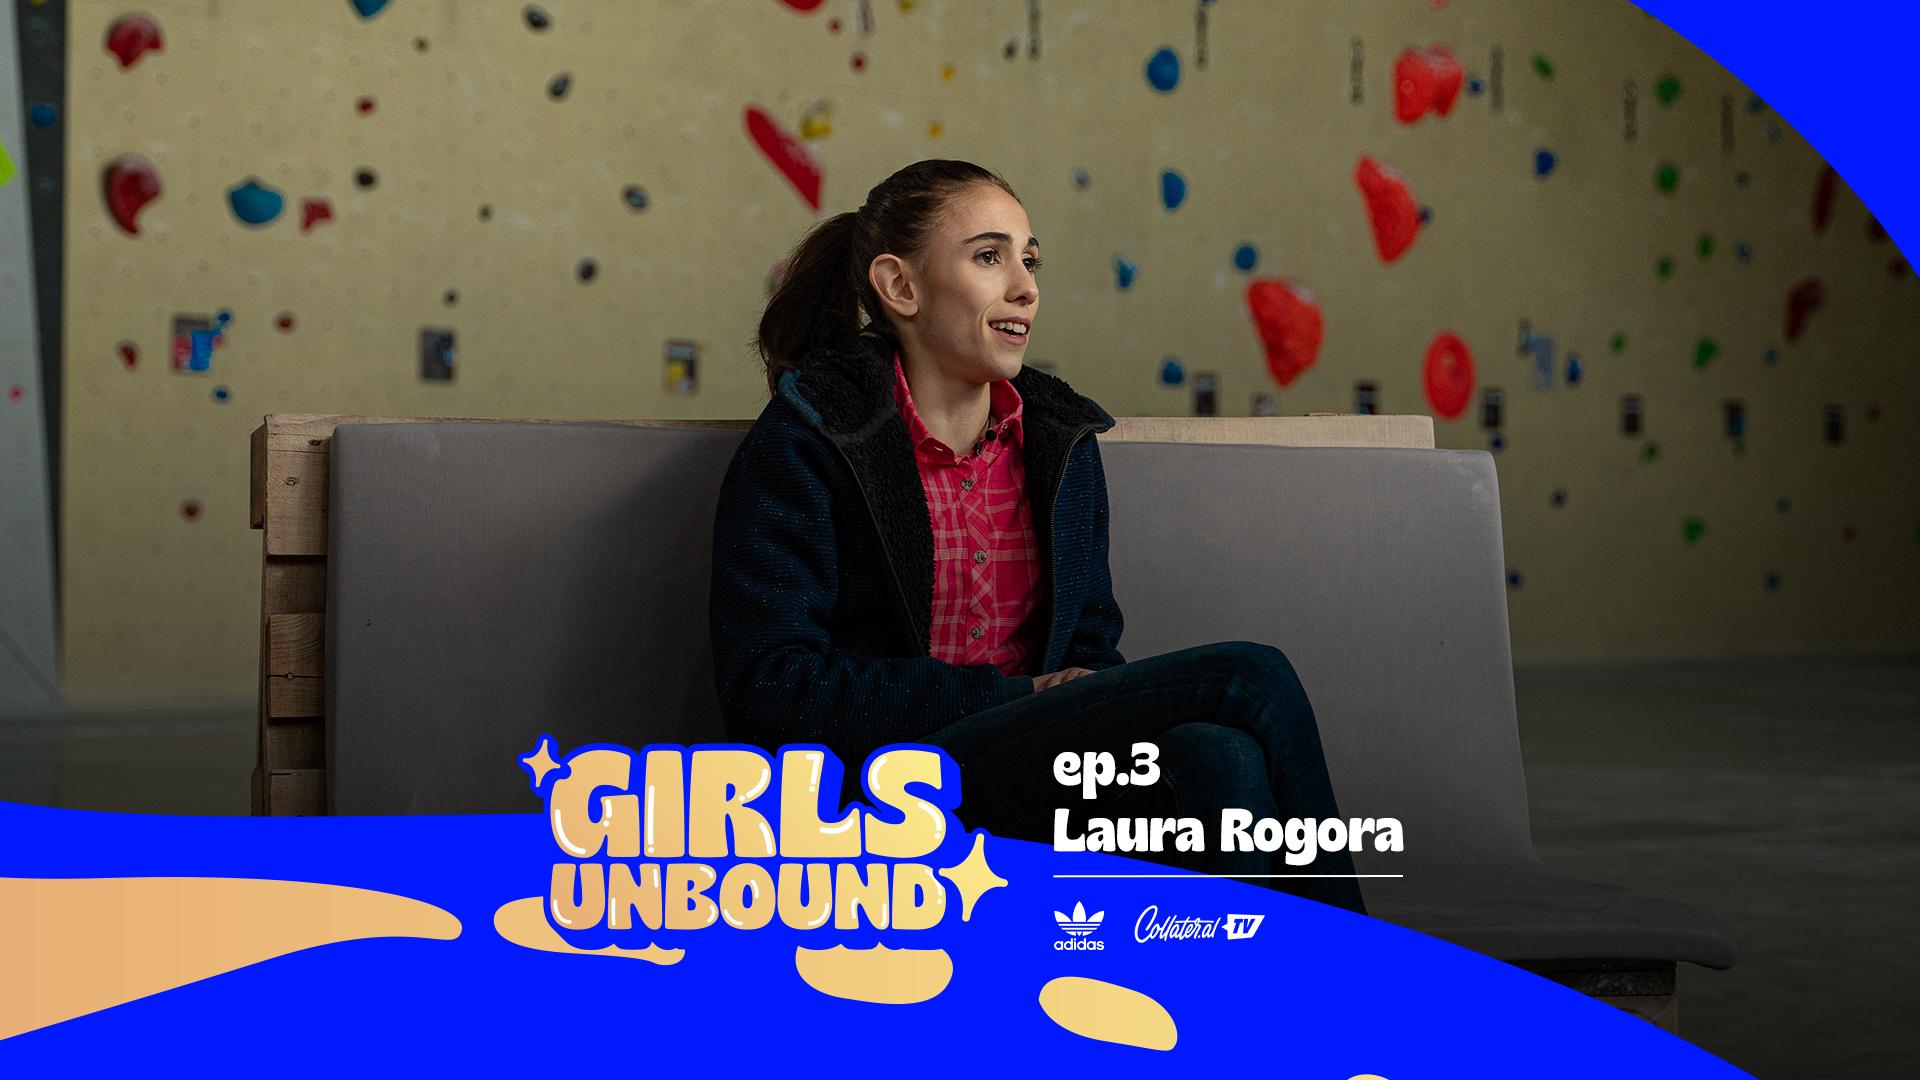 Girls Unbound   Carlo Pastore intervista Laura Rogora – Ep. 3